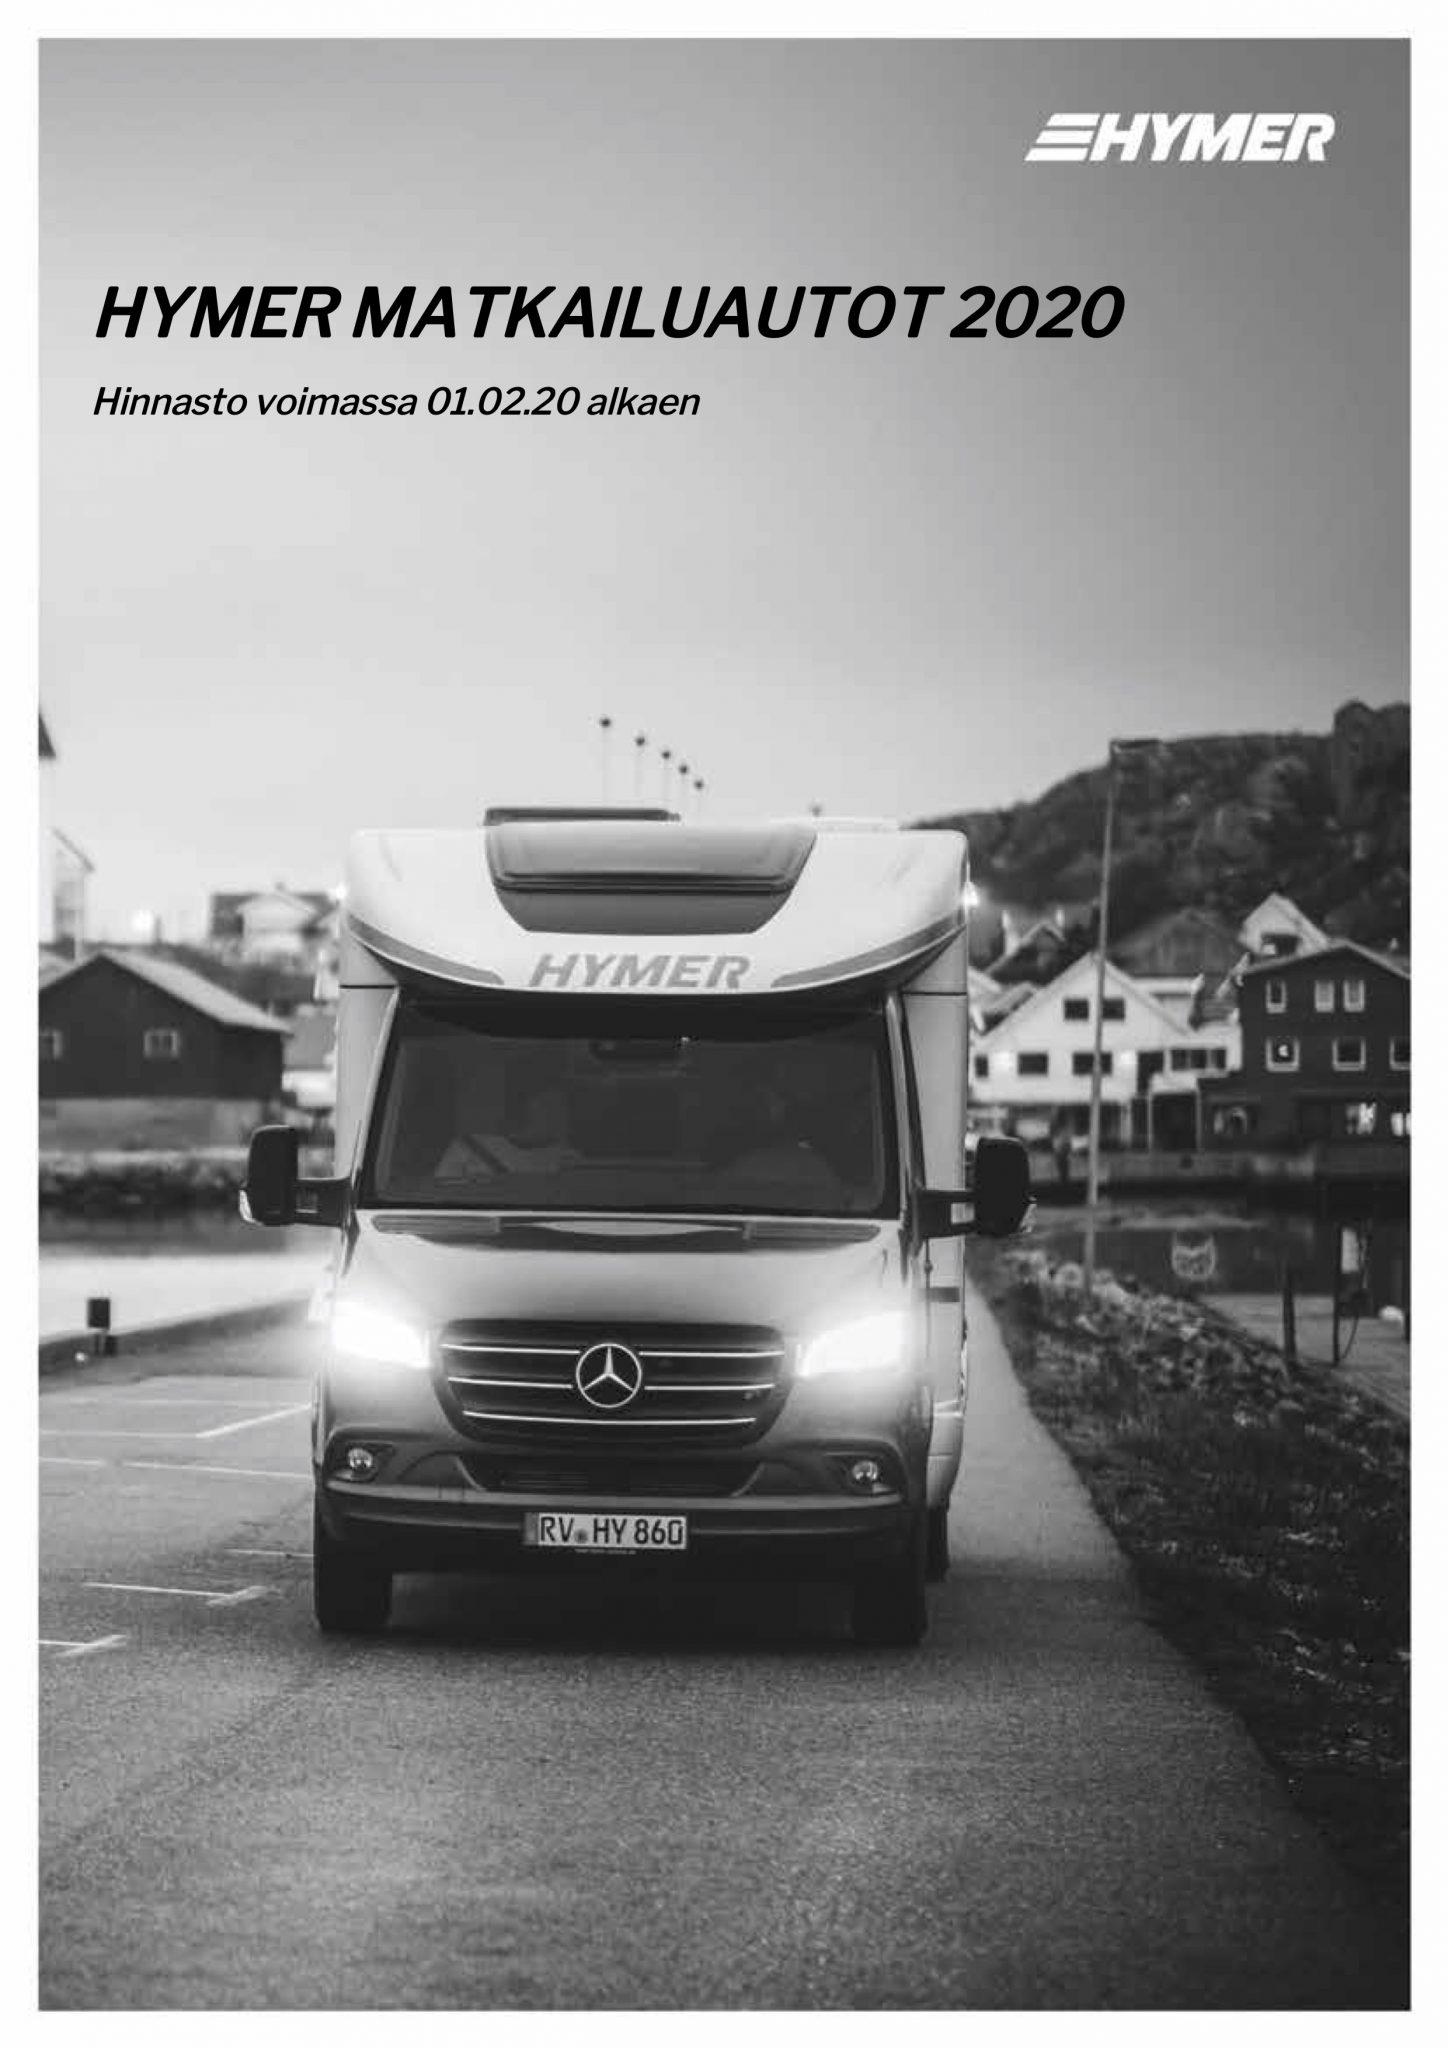 Hymer_Reisemobil_Preisliste_FIN_13.03.2020